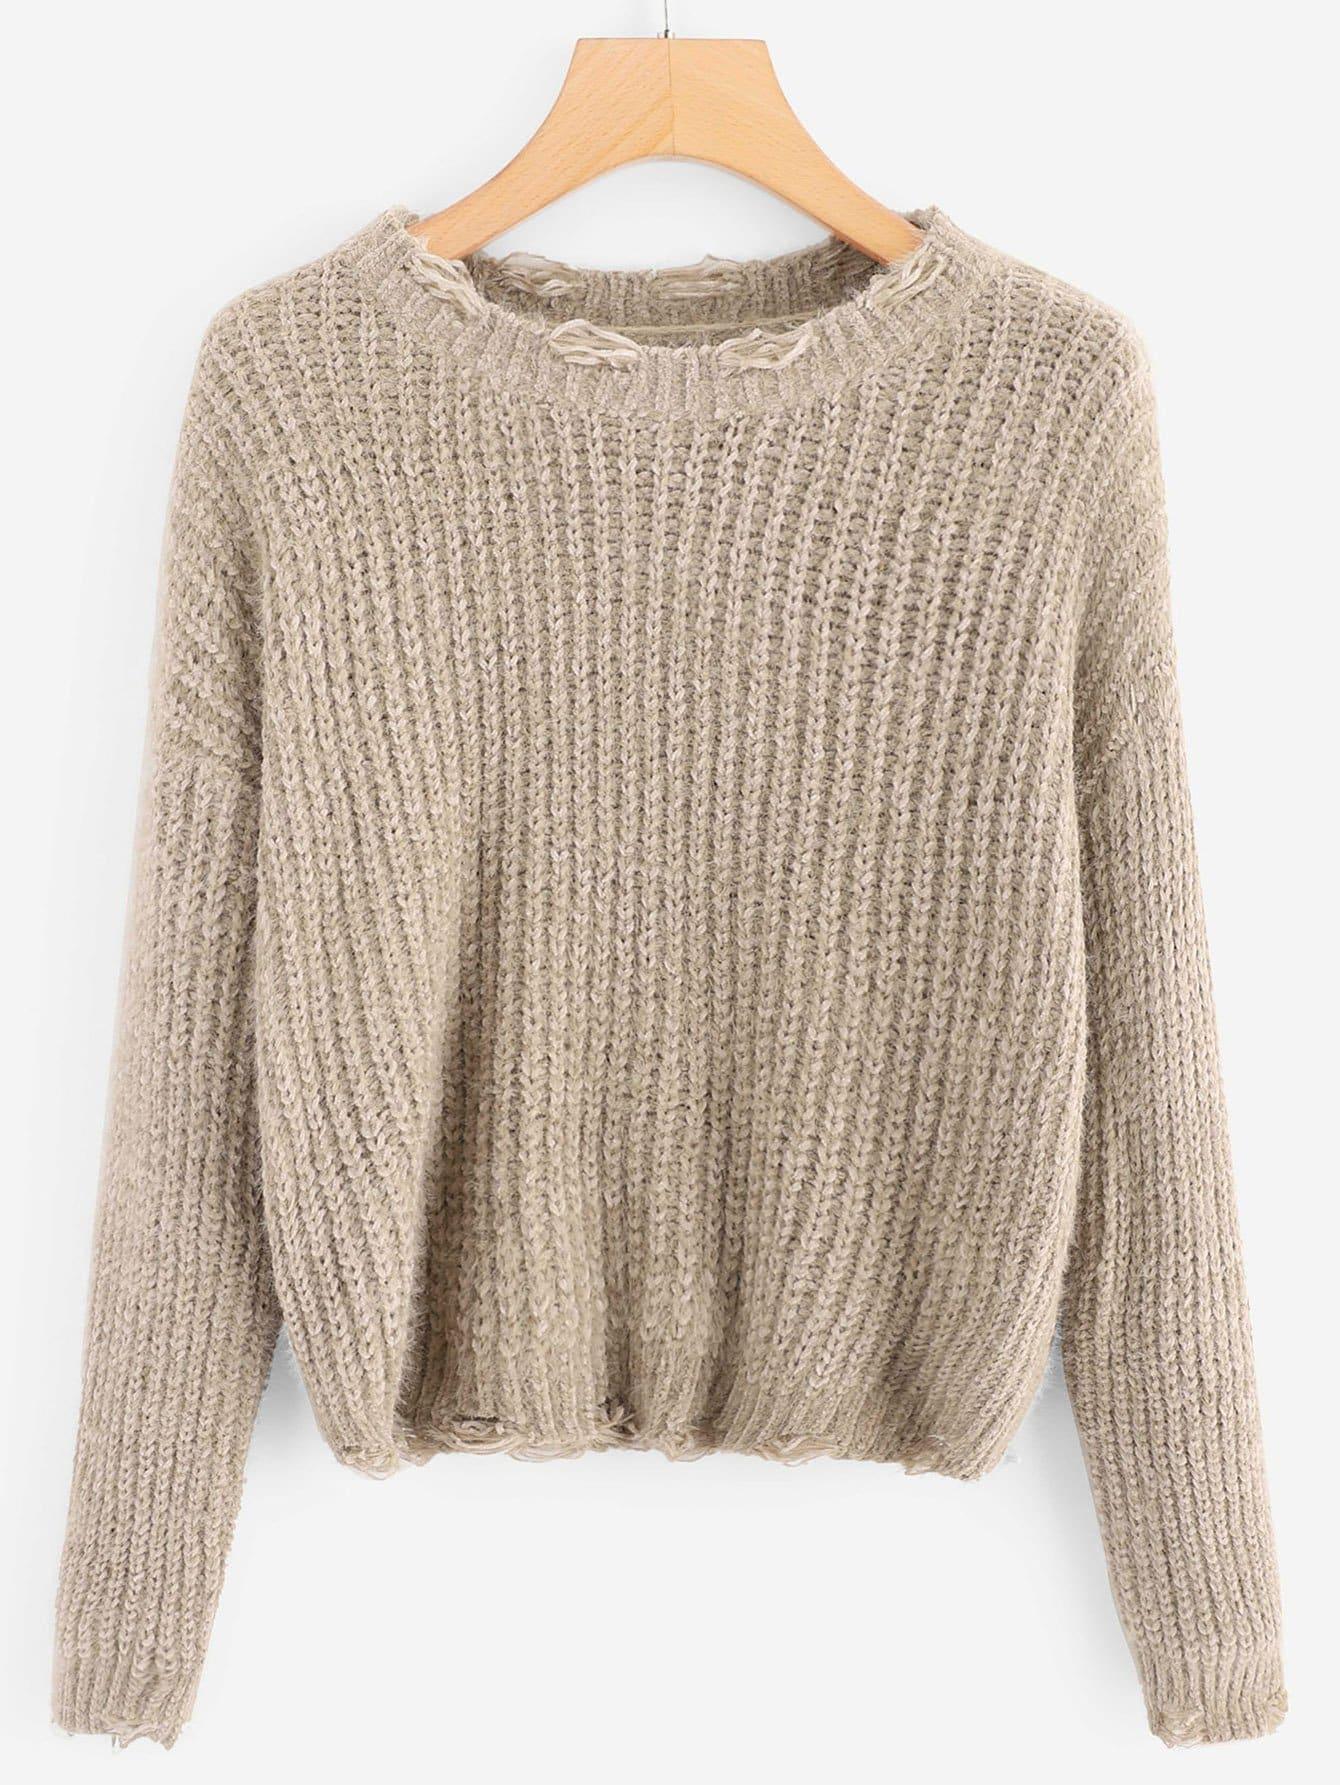 Strick Pullover mit sehr tief angesetzter Schulterpartie und Rissen